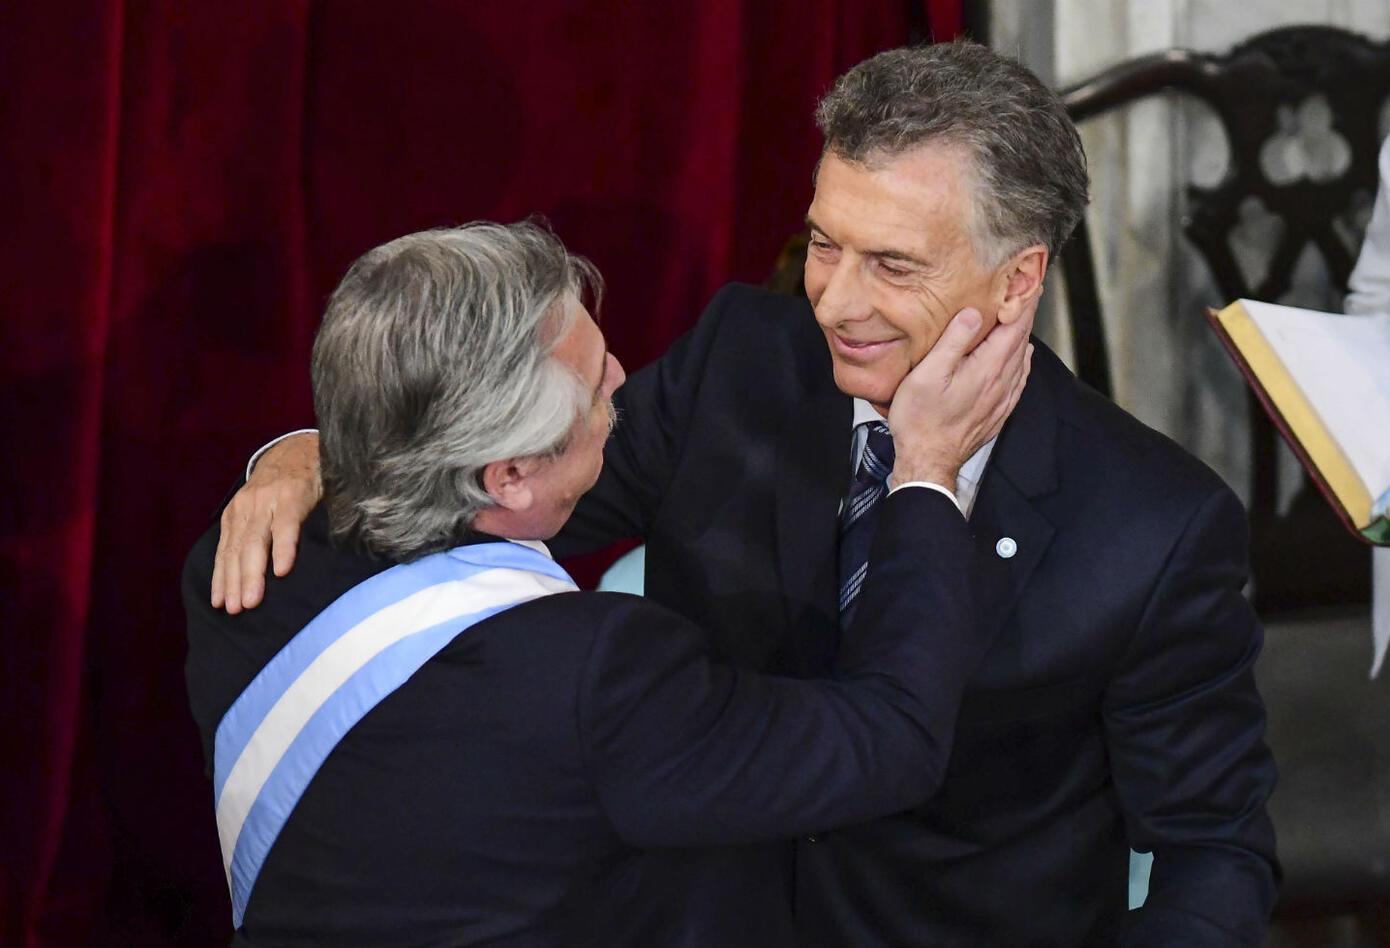 Alberto Fernández y Mauricio Macri en el traspaso de mandato